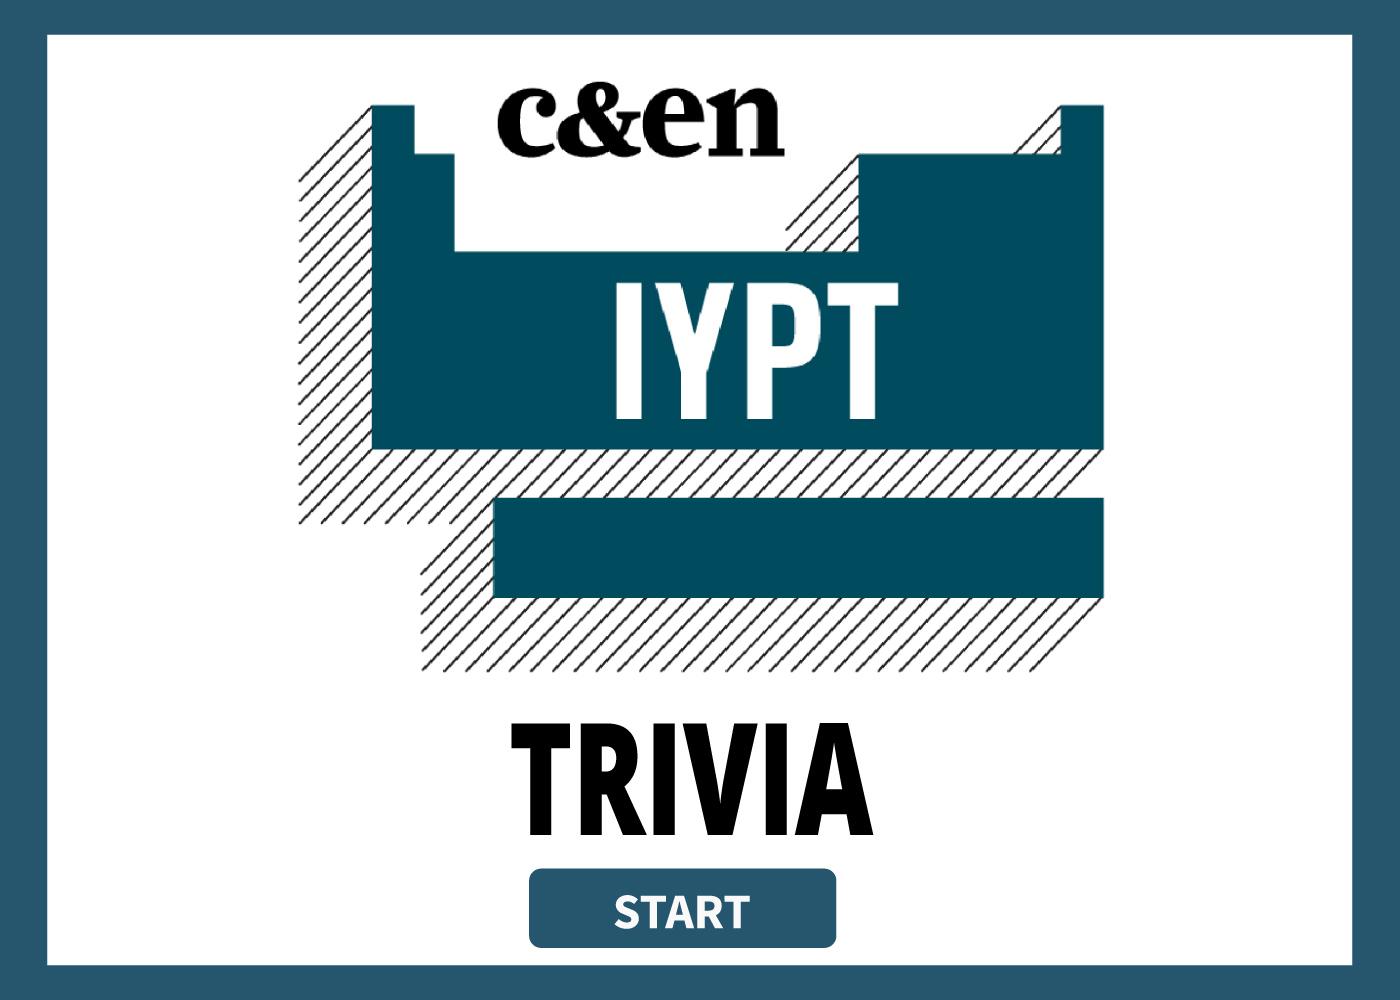 Quiz: IYPT Trivia